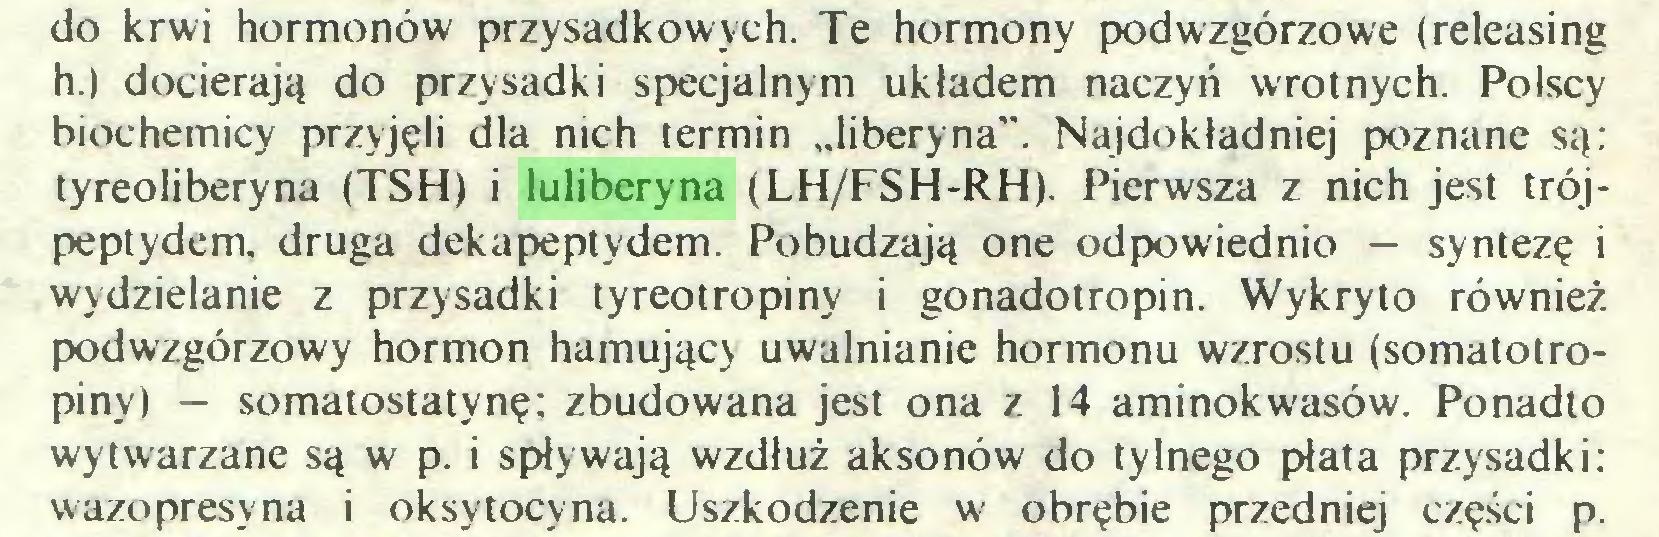 """(...) do krwi hormonów przysadkowych. Te hormony podwzgórzowe (releasing h.) docierają do przysadki specjalnym układem naczyń wrotnych. Polscy biochemicy przyjęli dla nich termin """"liberyna"""". Najdokładniej poznane są: tyreoliberyna (TSH) i luliberyna (LH/FSH-RH). Pierwsza z nich jest trójpeptydem, druga dekapeptydem. Pobudzają one odpowiednio — syntezę i wydzielanie z przysadki tyreotropiny i gonadotropin. Wykryto również podwzgórzowy hormon hamujący uwalnianie hormonu wzrostu (somatotropiny) - somatostatynę: zbudowana jest ona z 14 aminokwasów. Ponadto wytwarzane są w p. i spływają wzdłuż aksonów do tylnego płata przysadki: wazopresyna i oksytocyna. Uszkodzenie w obrębie przedniej części p..."""